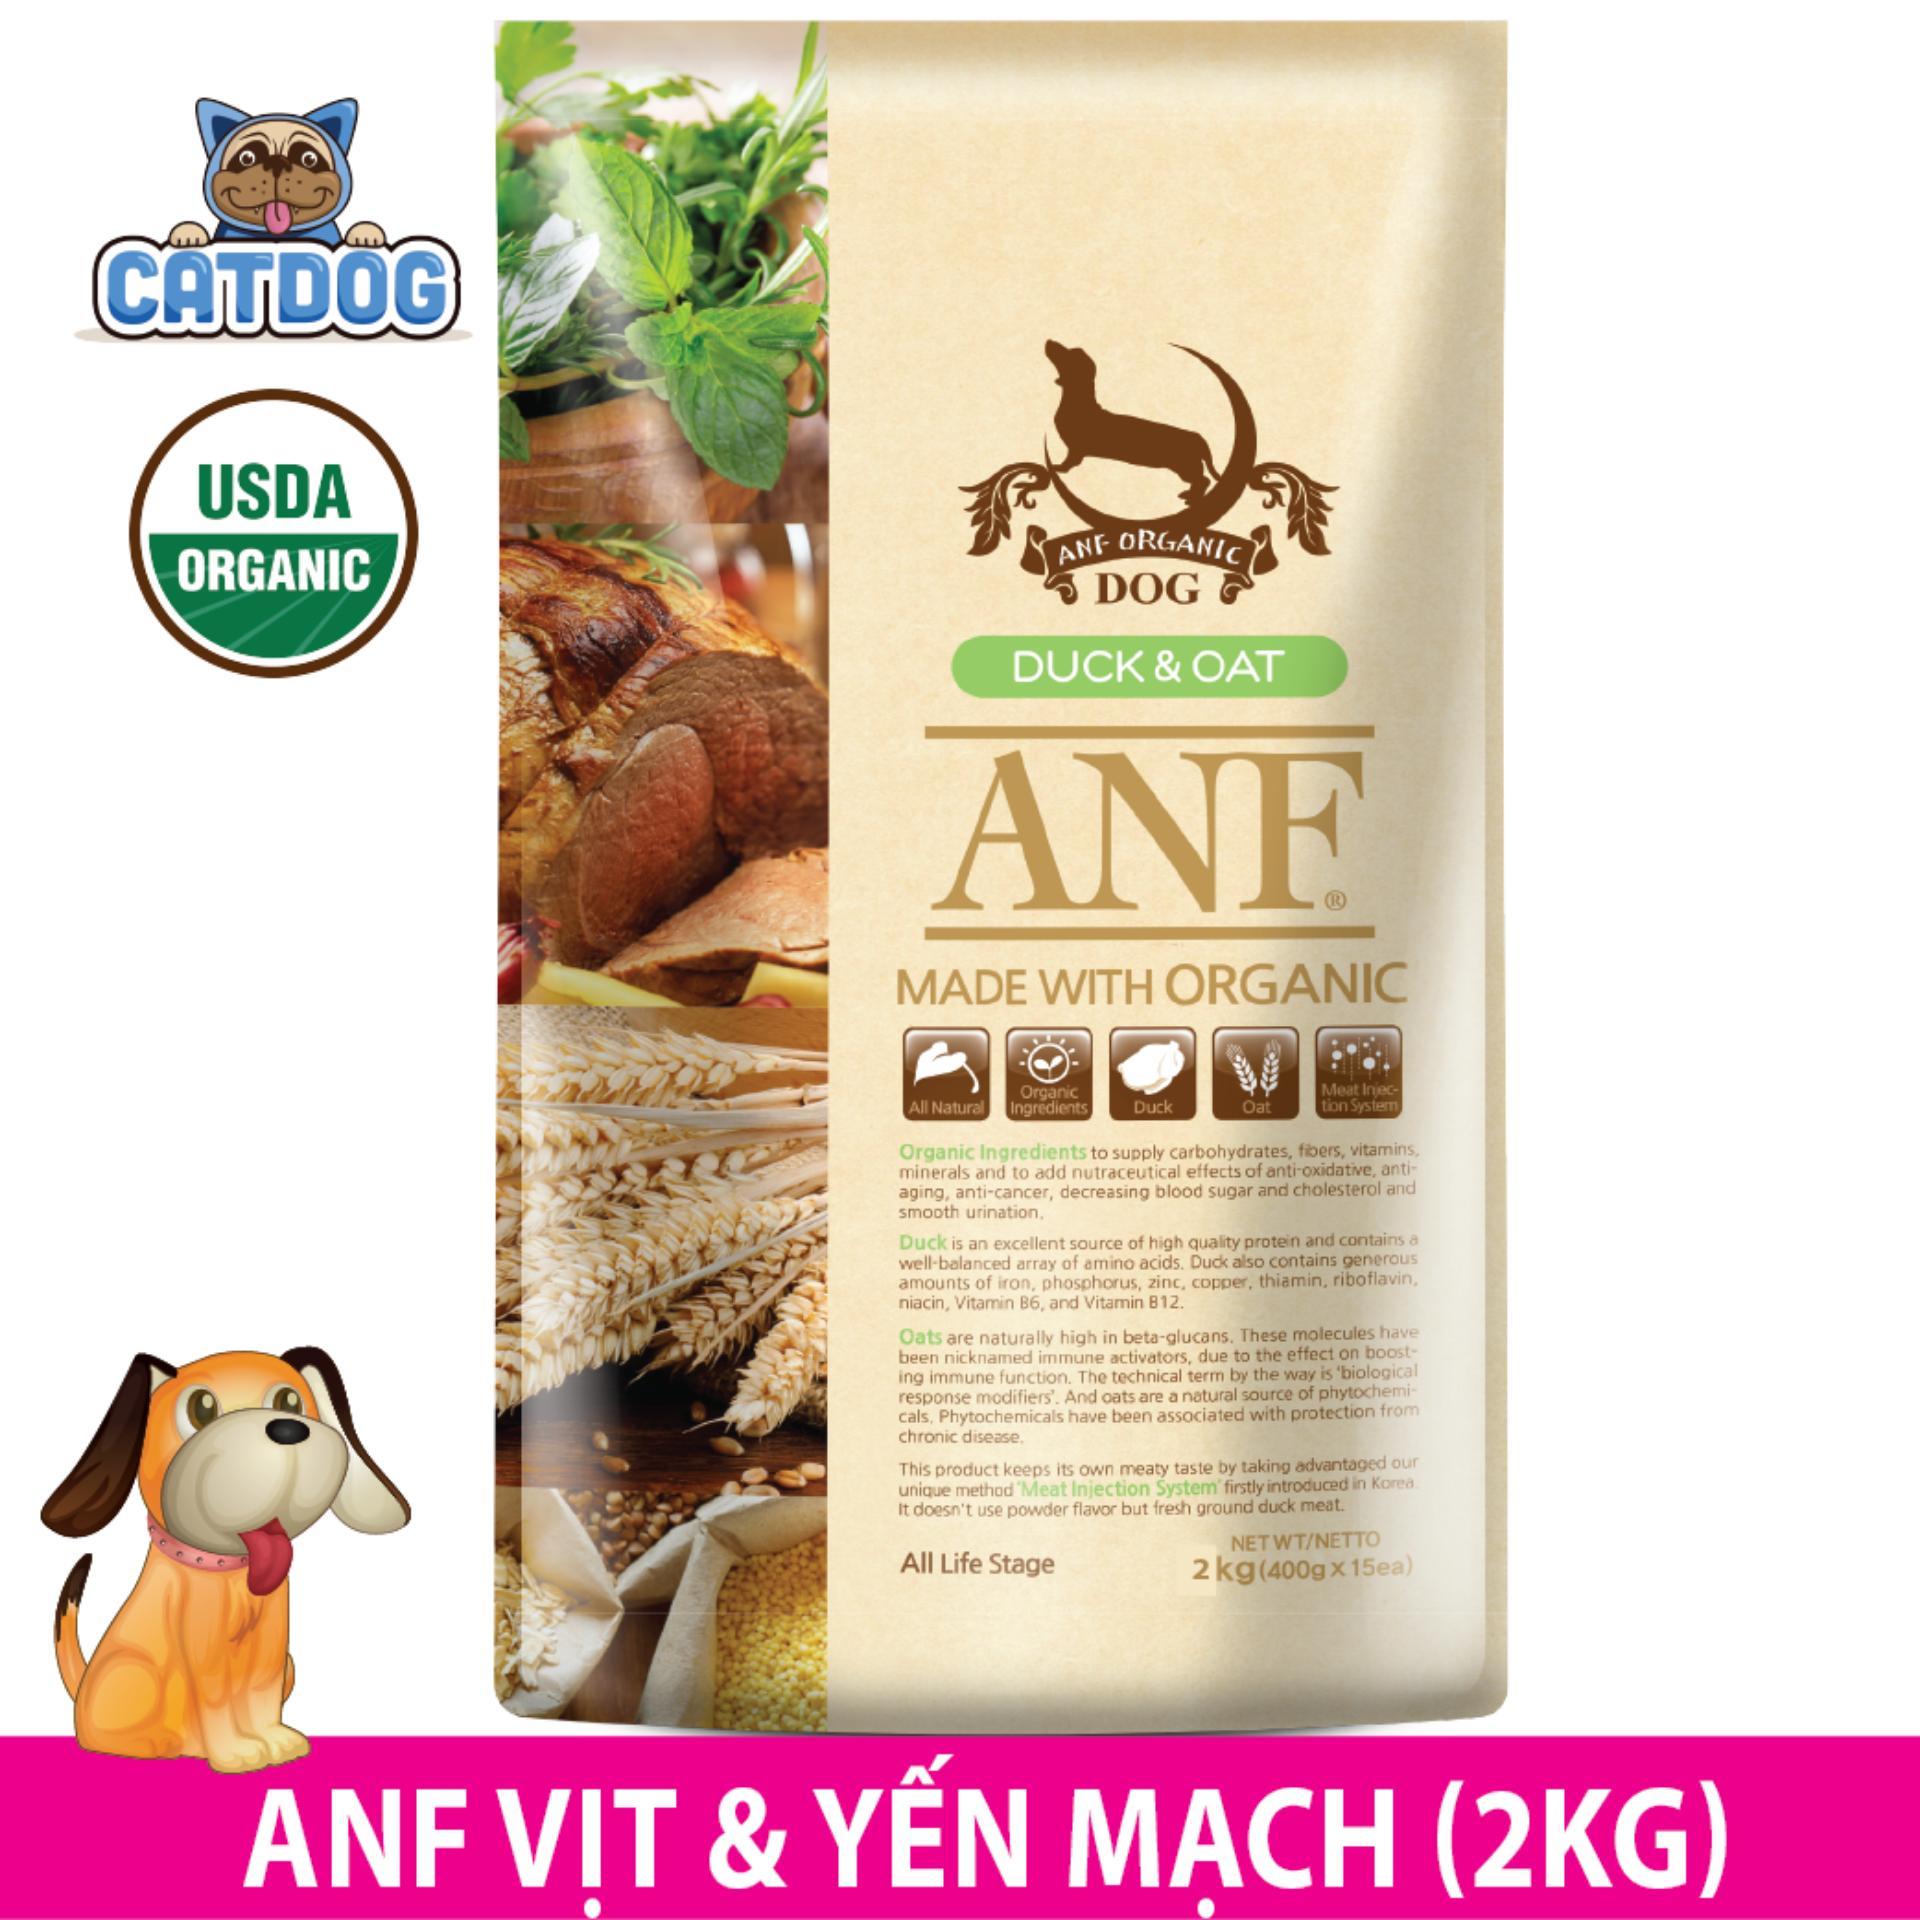 Ôn Tập Trên Hạt Anf Made With Organic Vị Vịt Va Yến Mạch 2Kg Cho